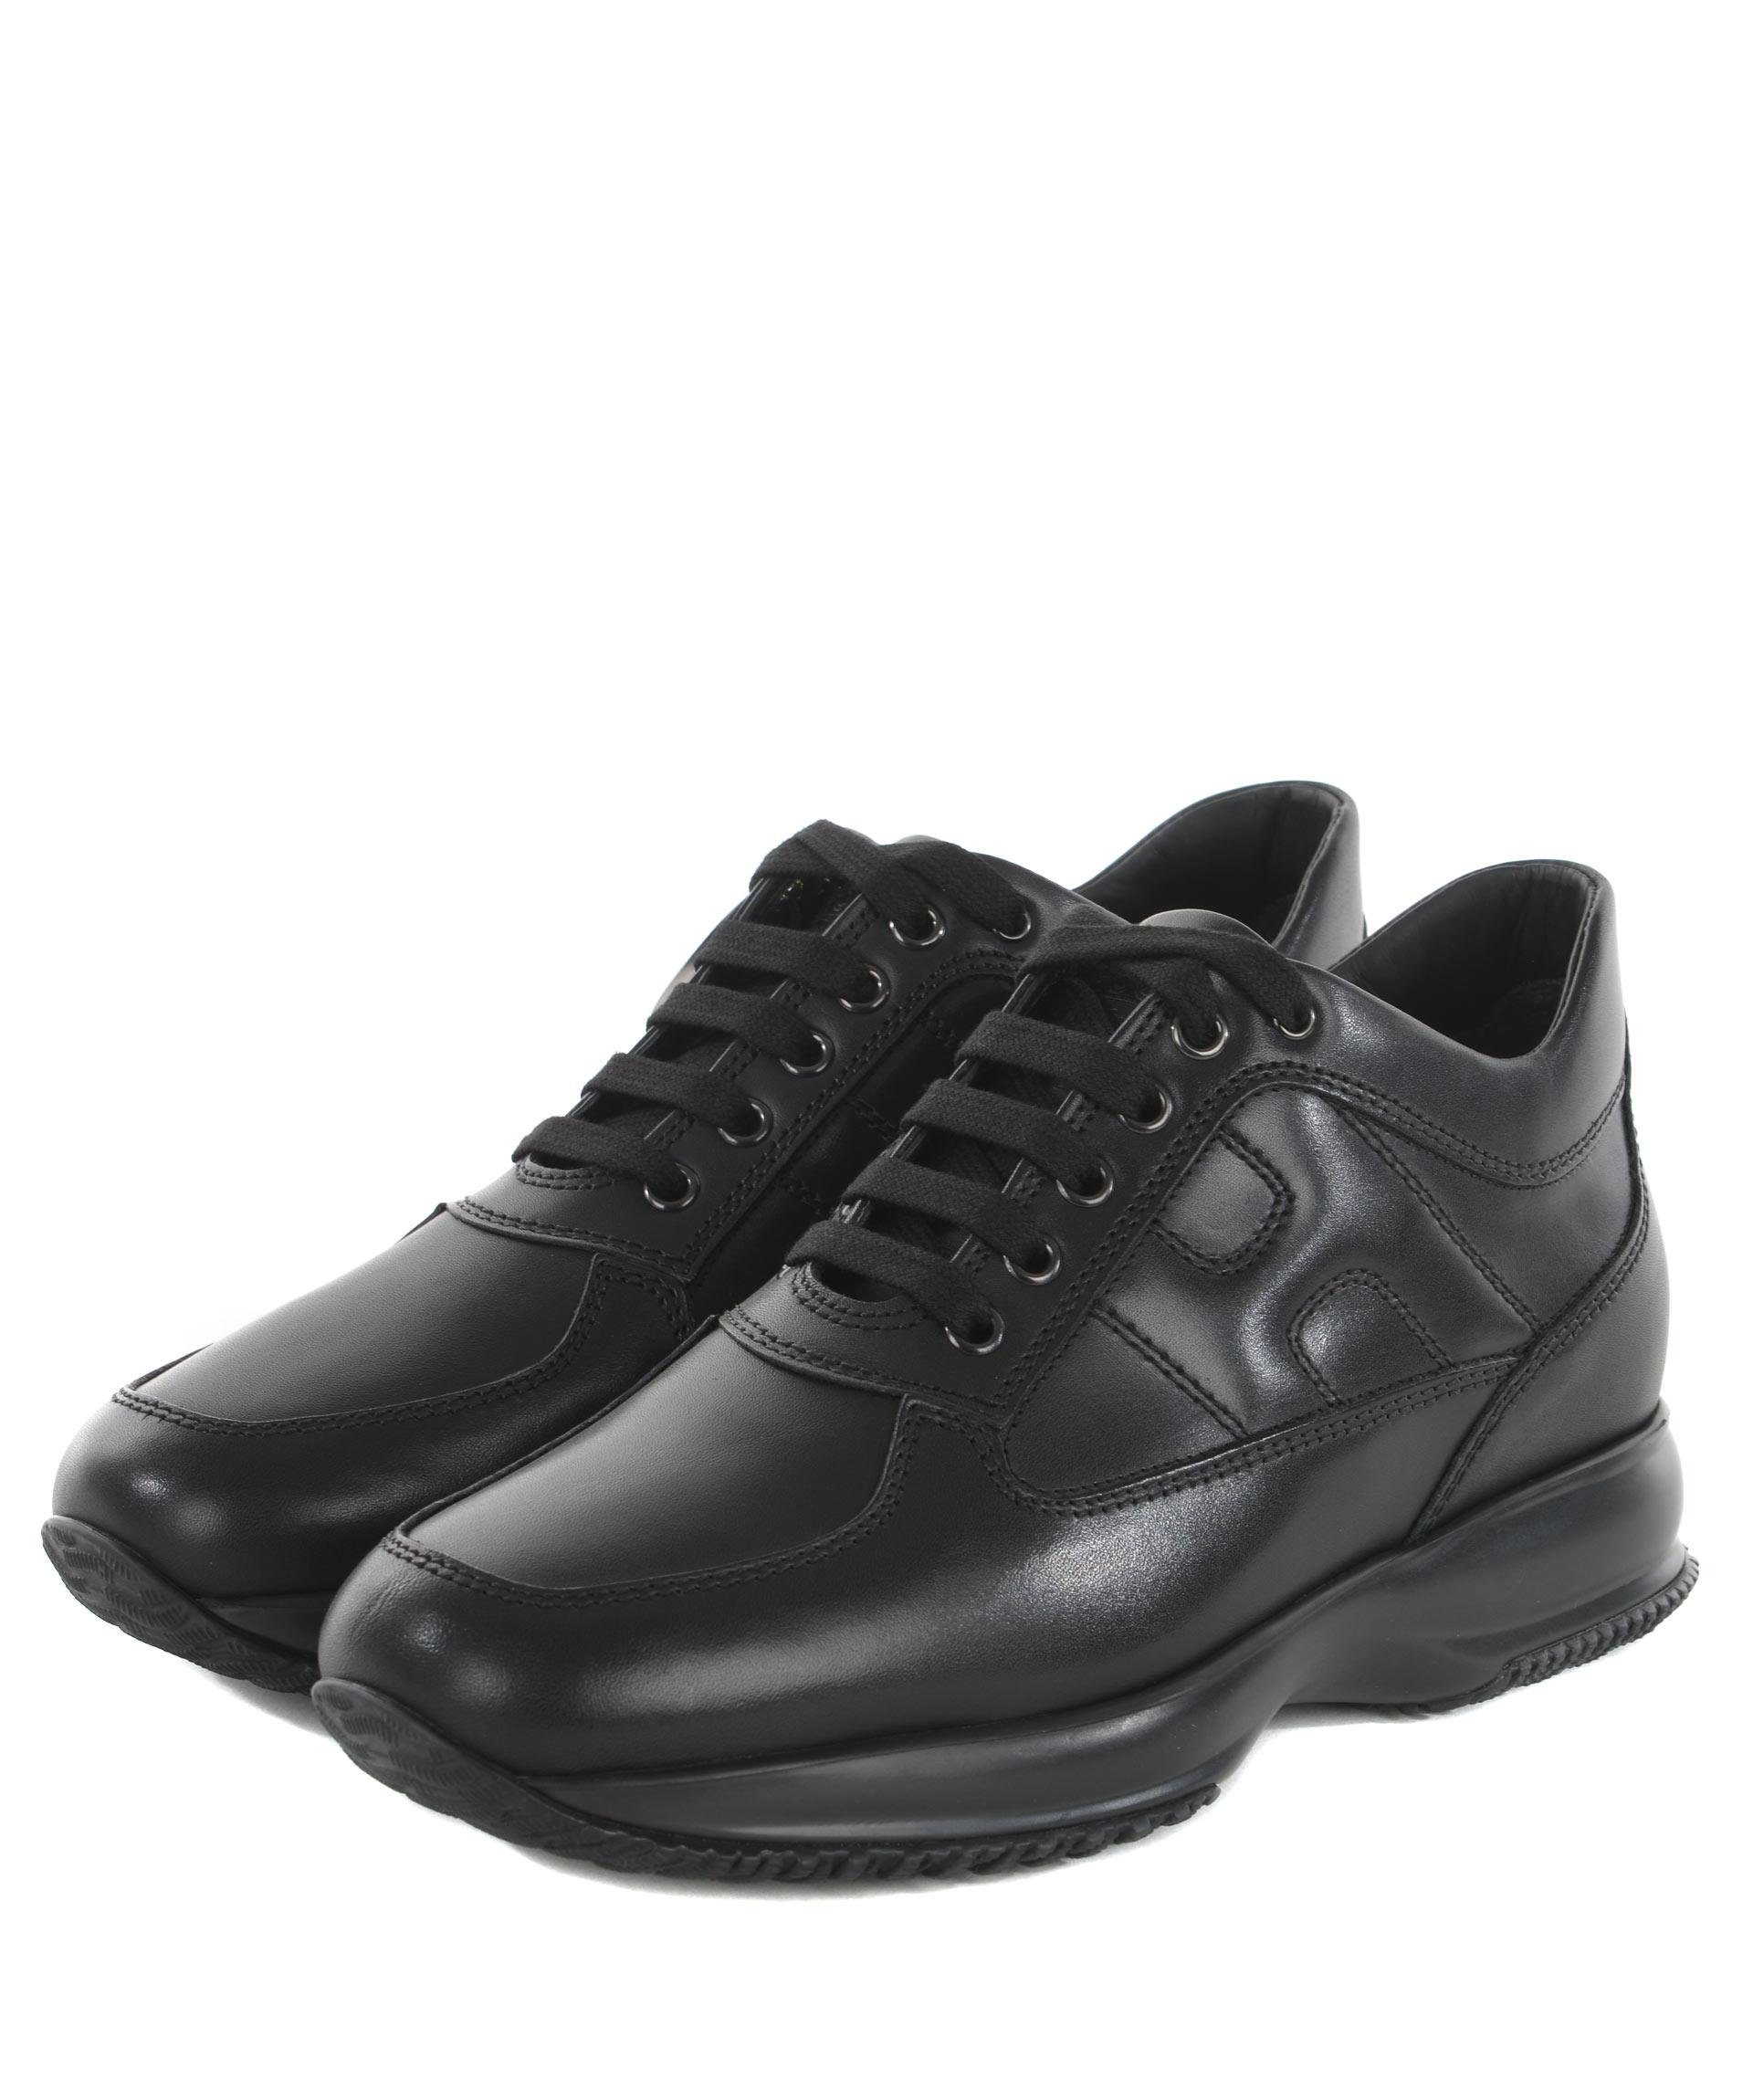 Sneakers uomo Hogan Interactive HOGAN - HOGAN - TufanoModa 1878e4a2a2d